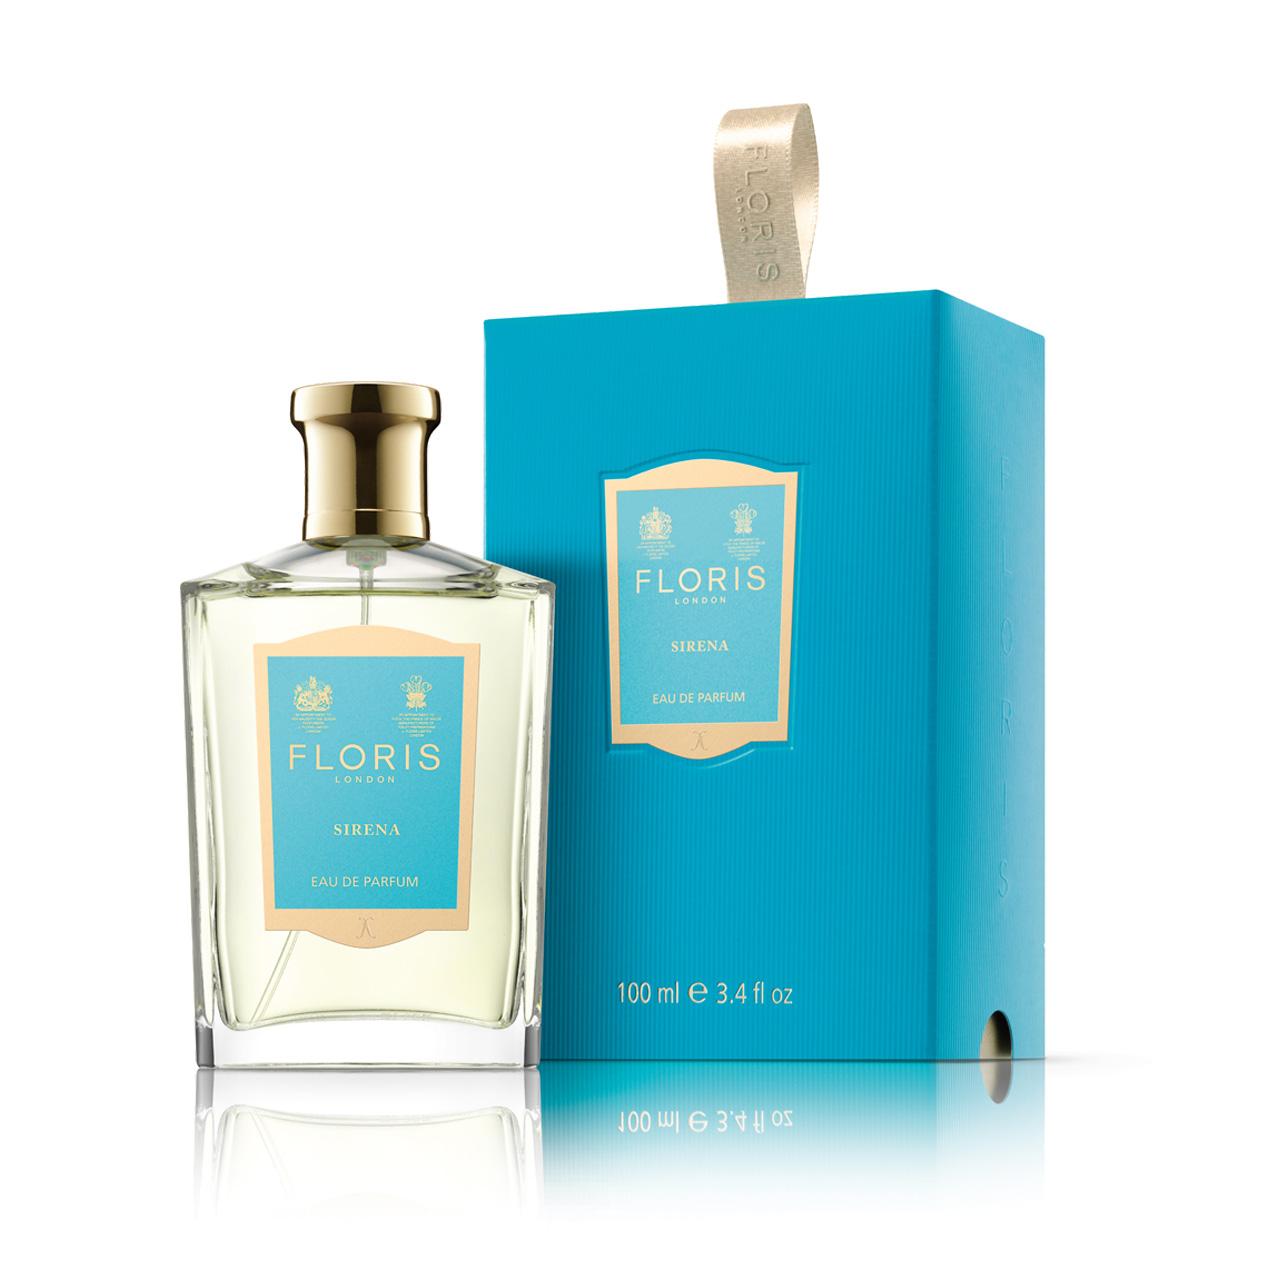 Sirena - Eau de Parfum - Private Collection